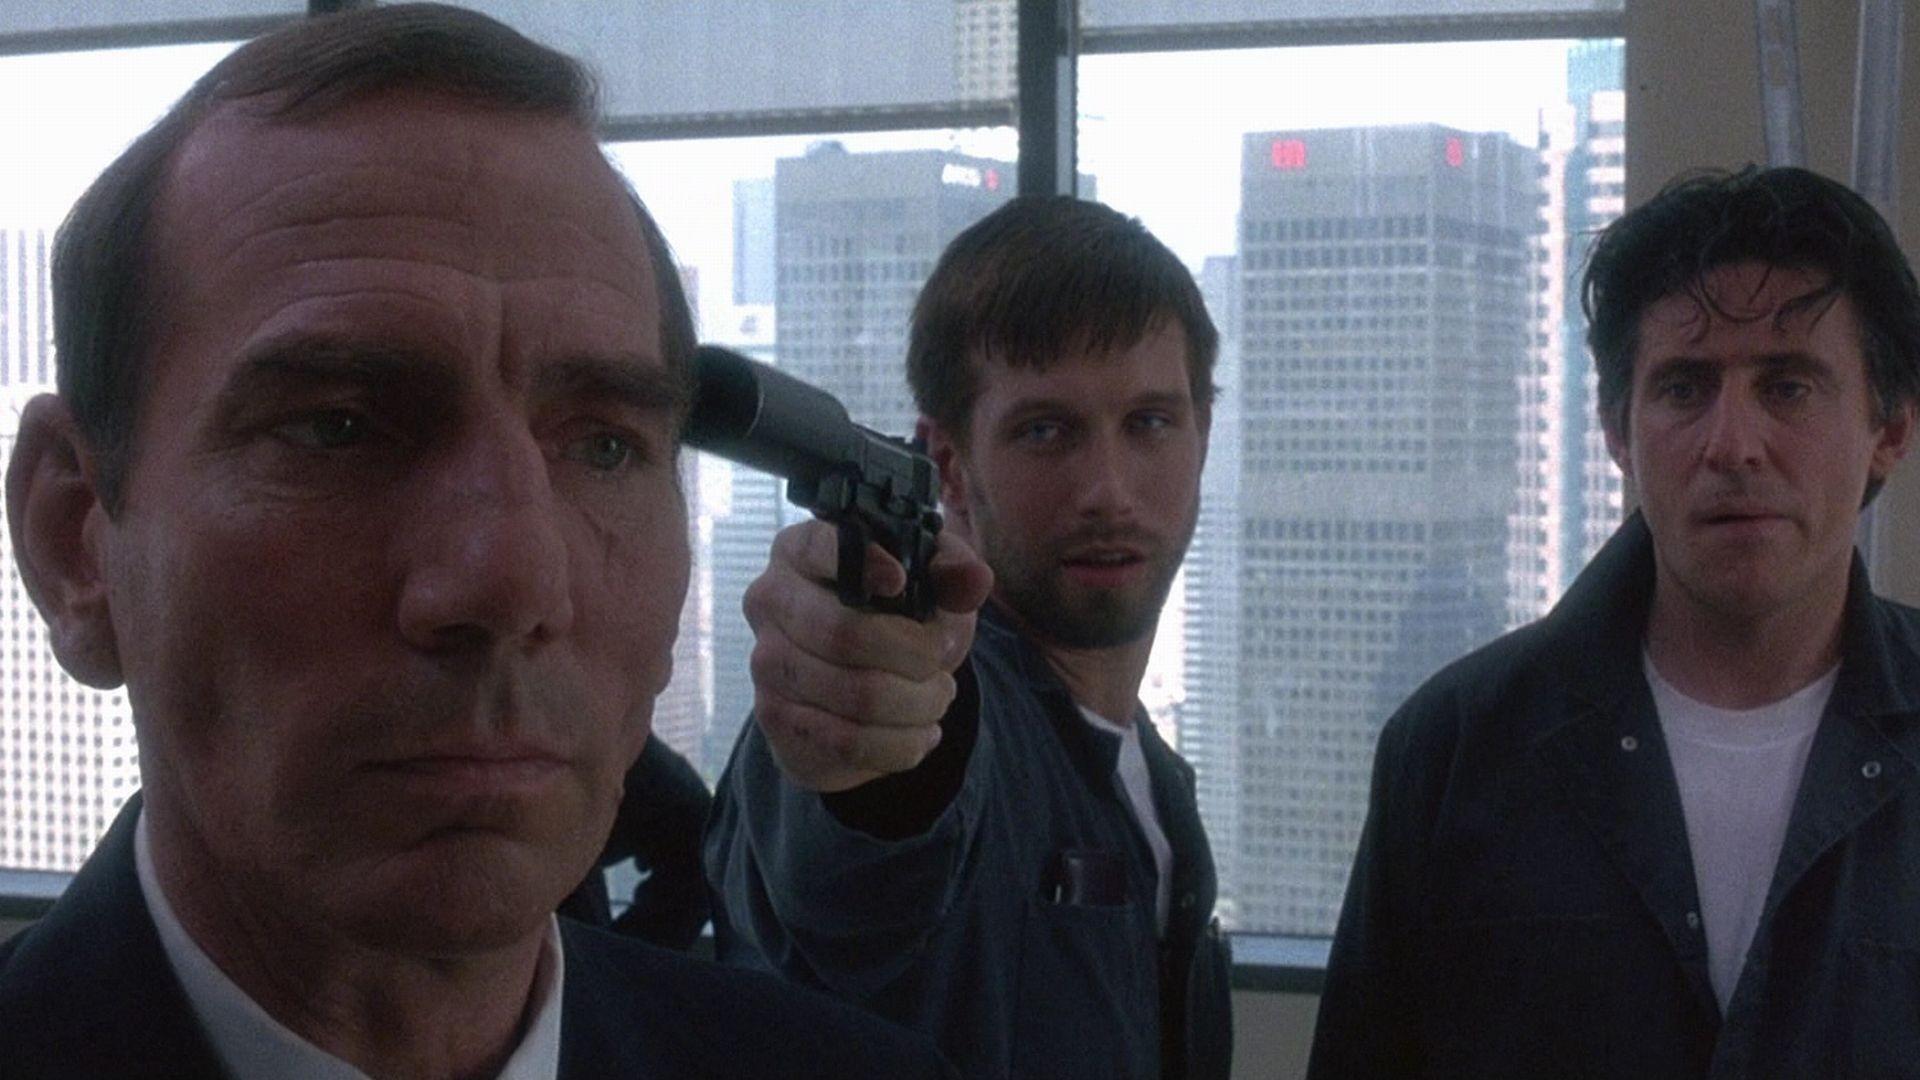 Usual Suspects : retour sur le fait divers glaçant qui a inspiré le scénariste Christopher McQuarrie pour l'écriture de Keyser Söze.